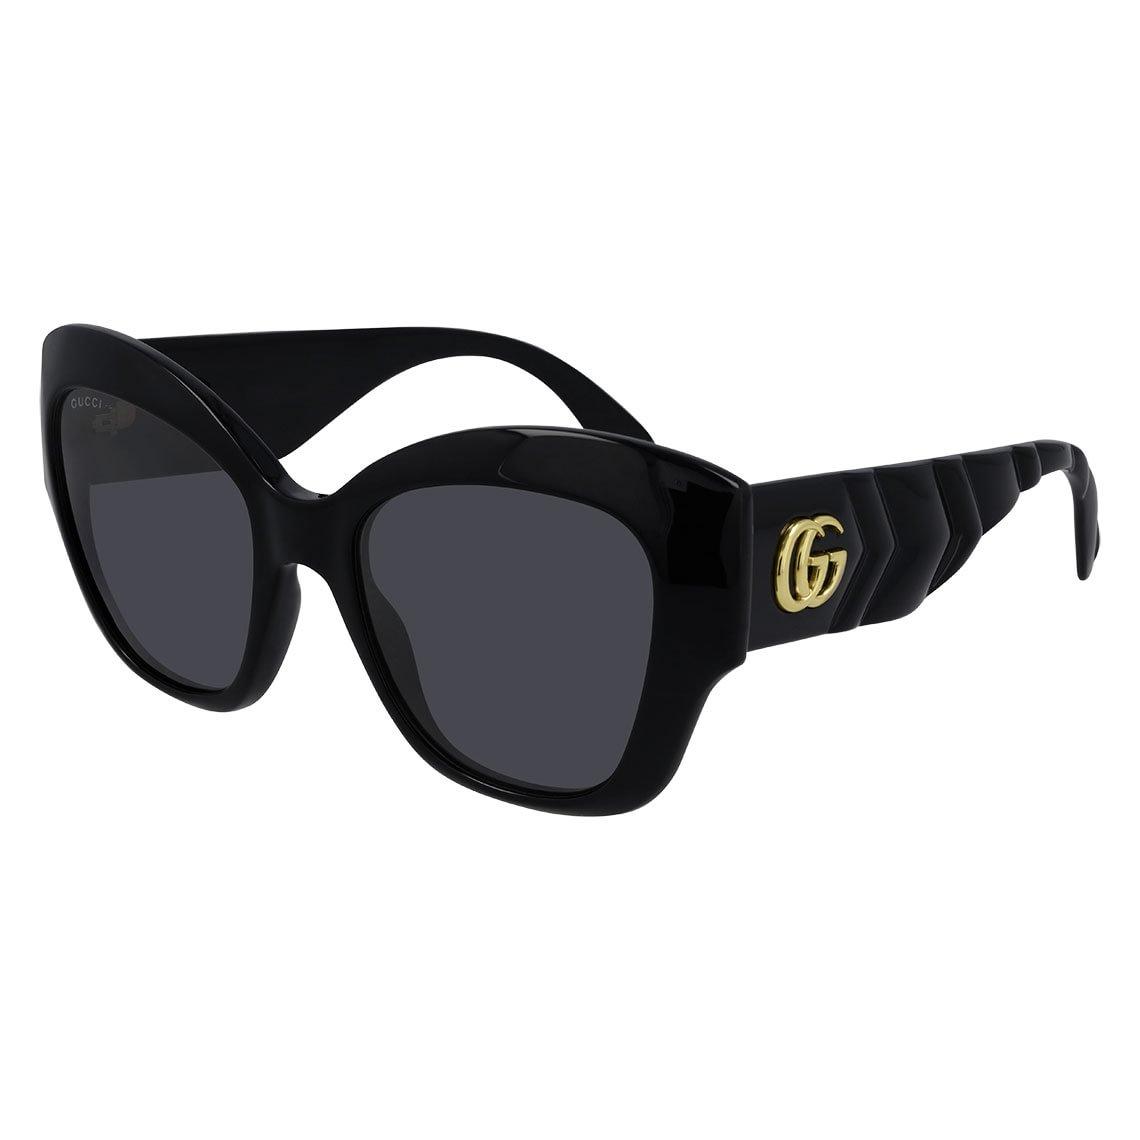 Gucci GG 0808S 001 5320